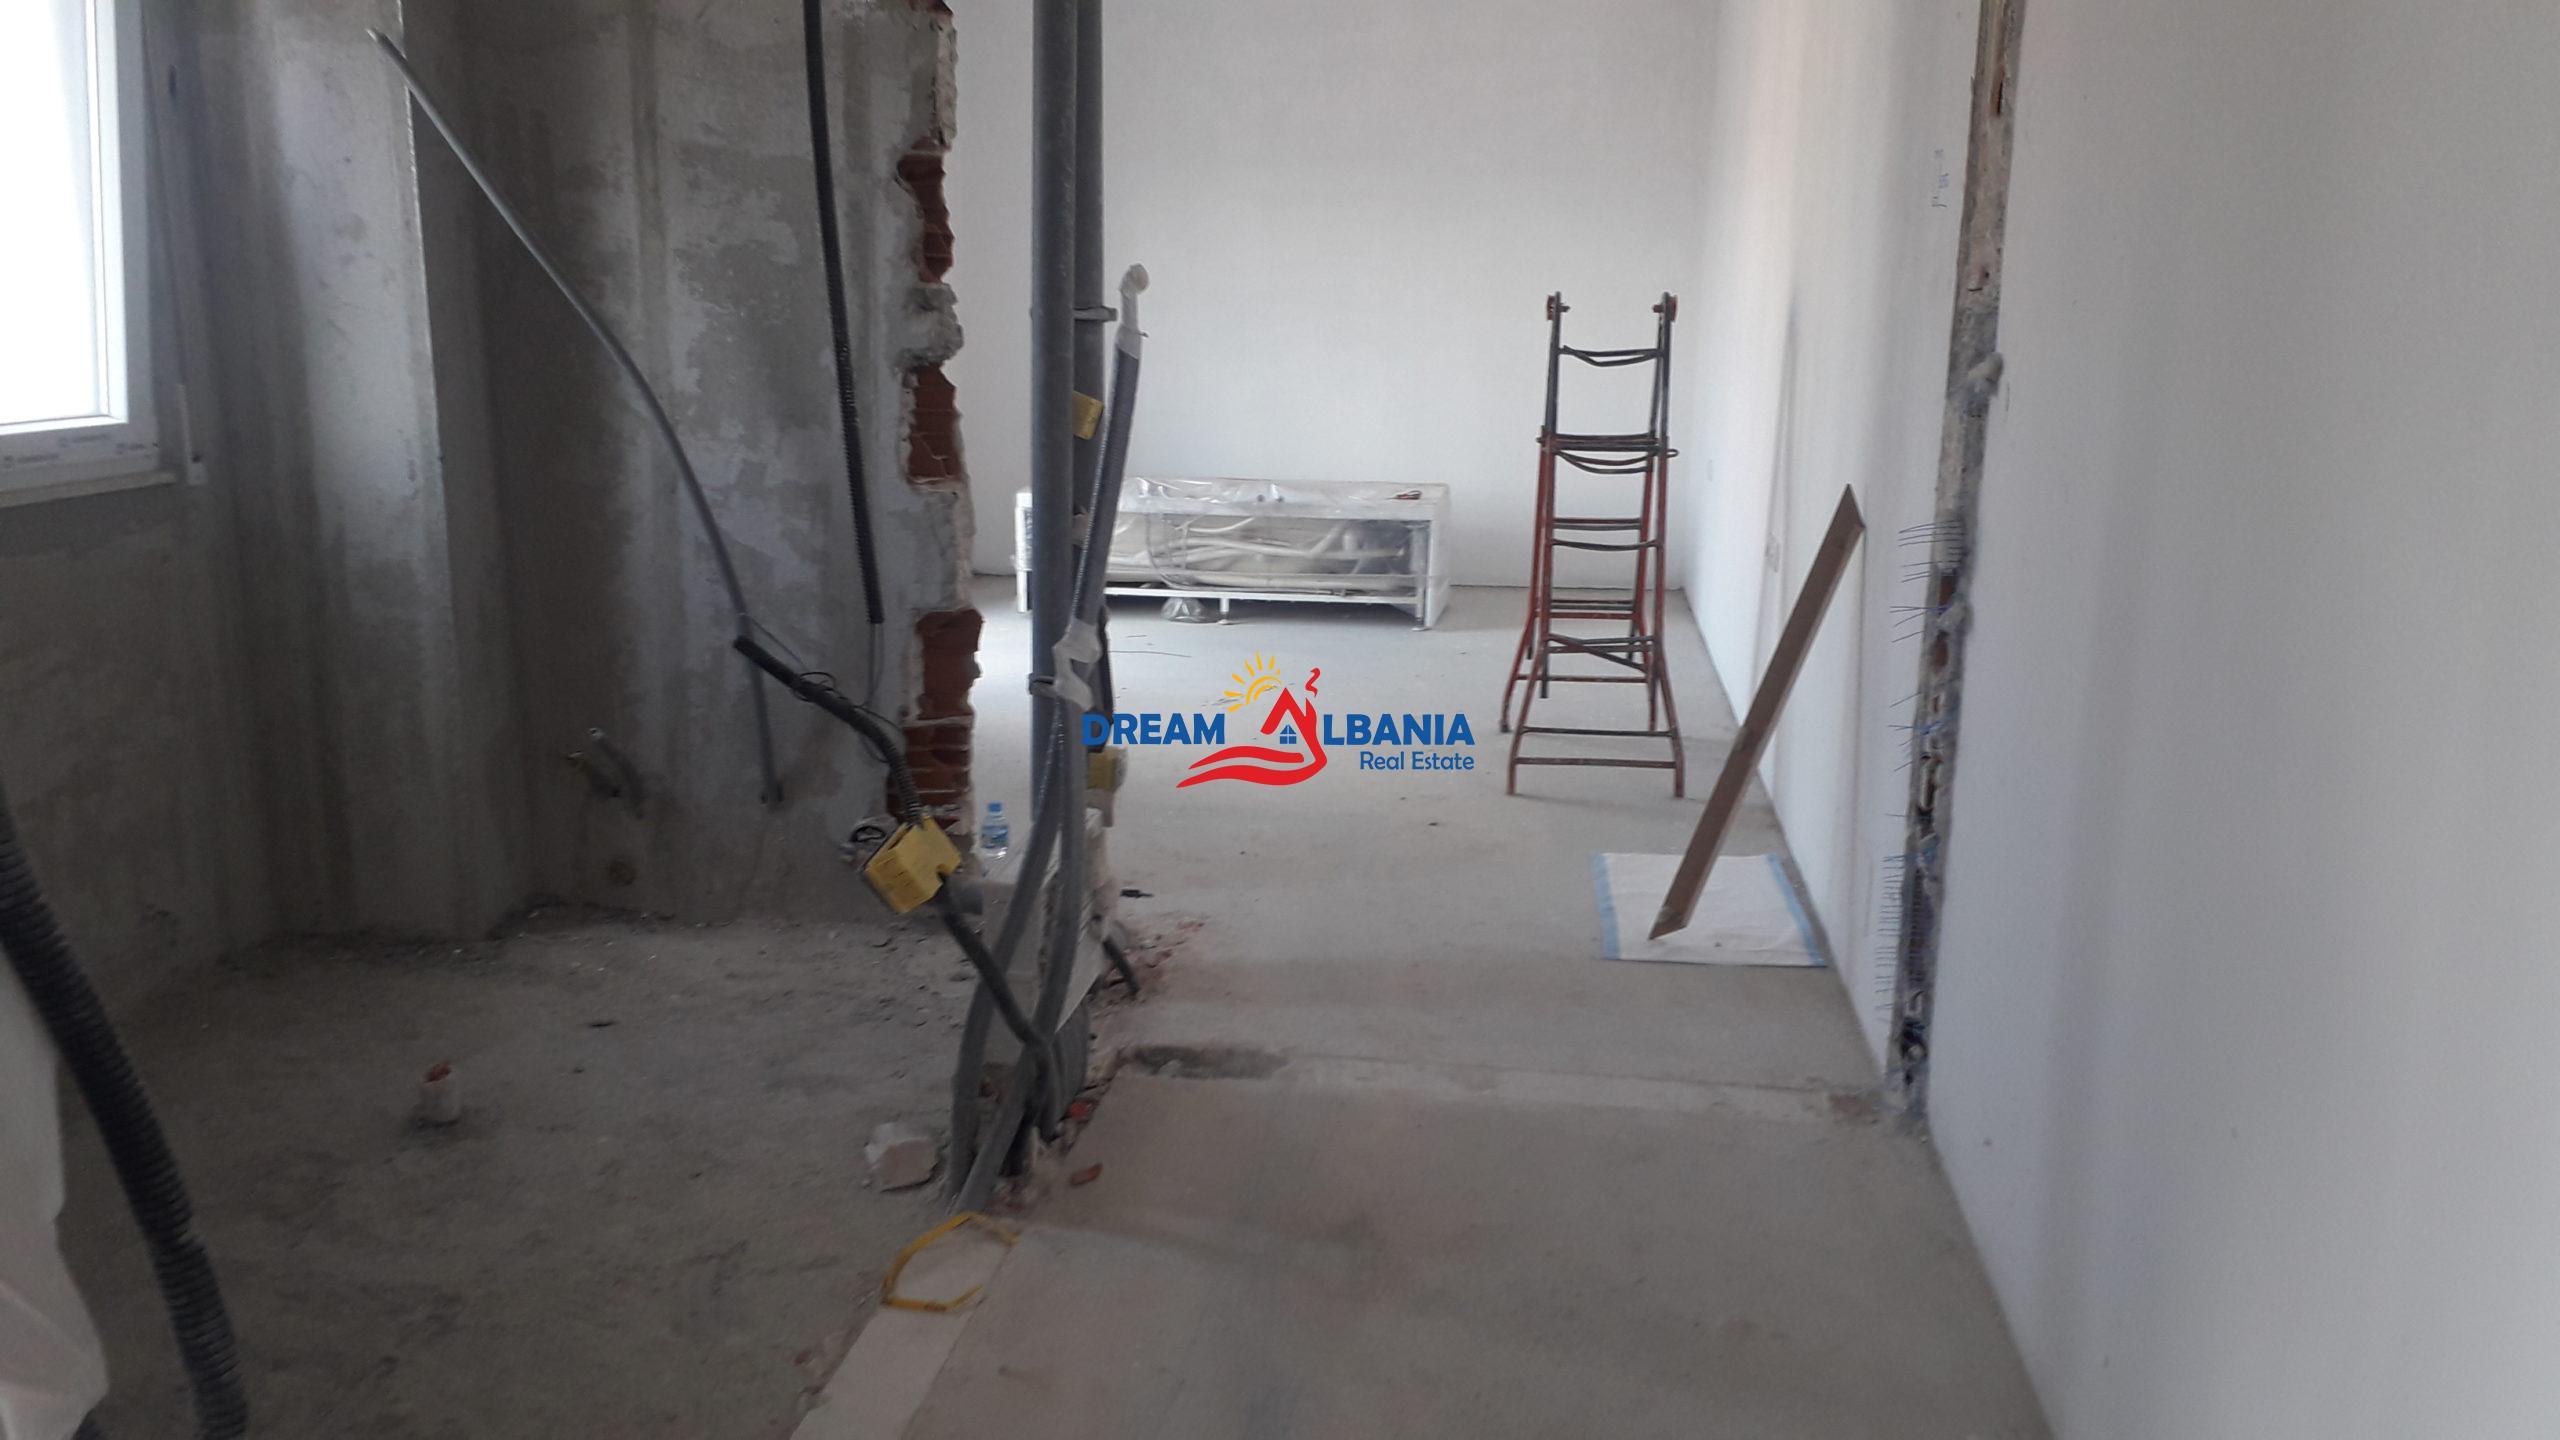 Двухкомнатная квартира для продажи недалеко от железнодорожного вокзала, недалеко от научного факультета, Тирана (ID 4111151)